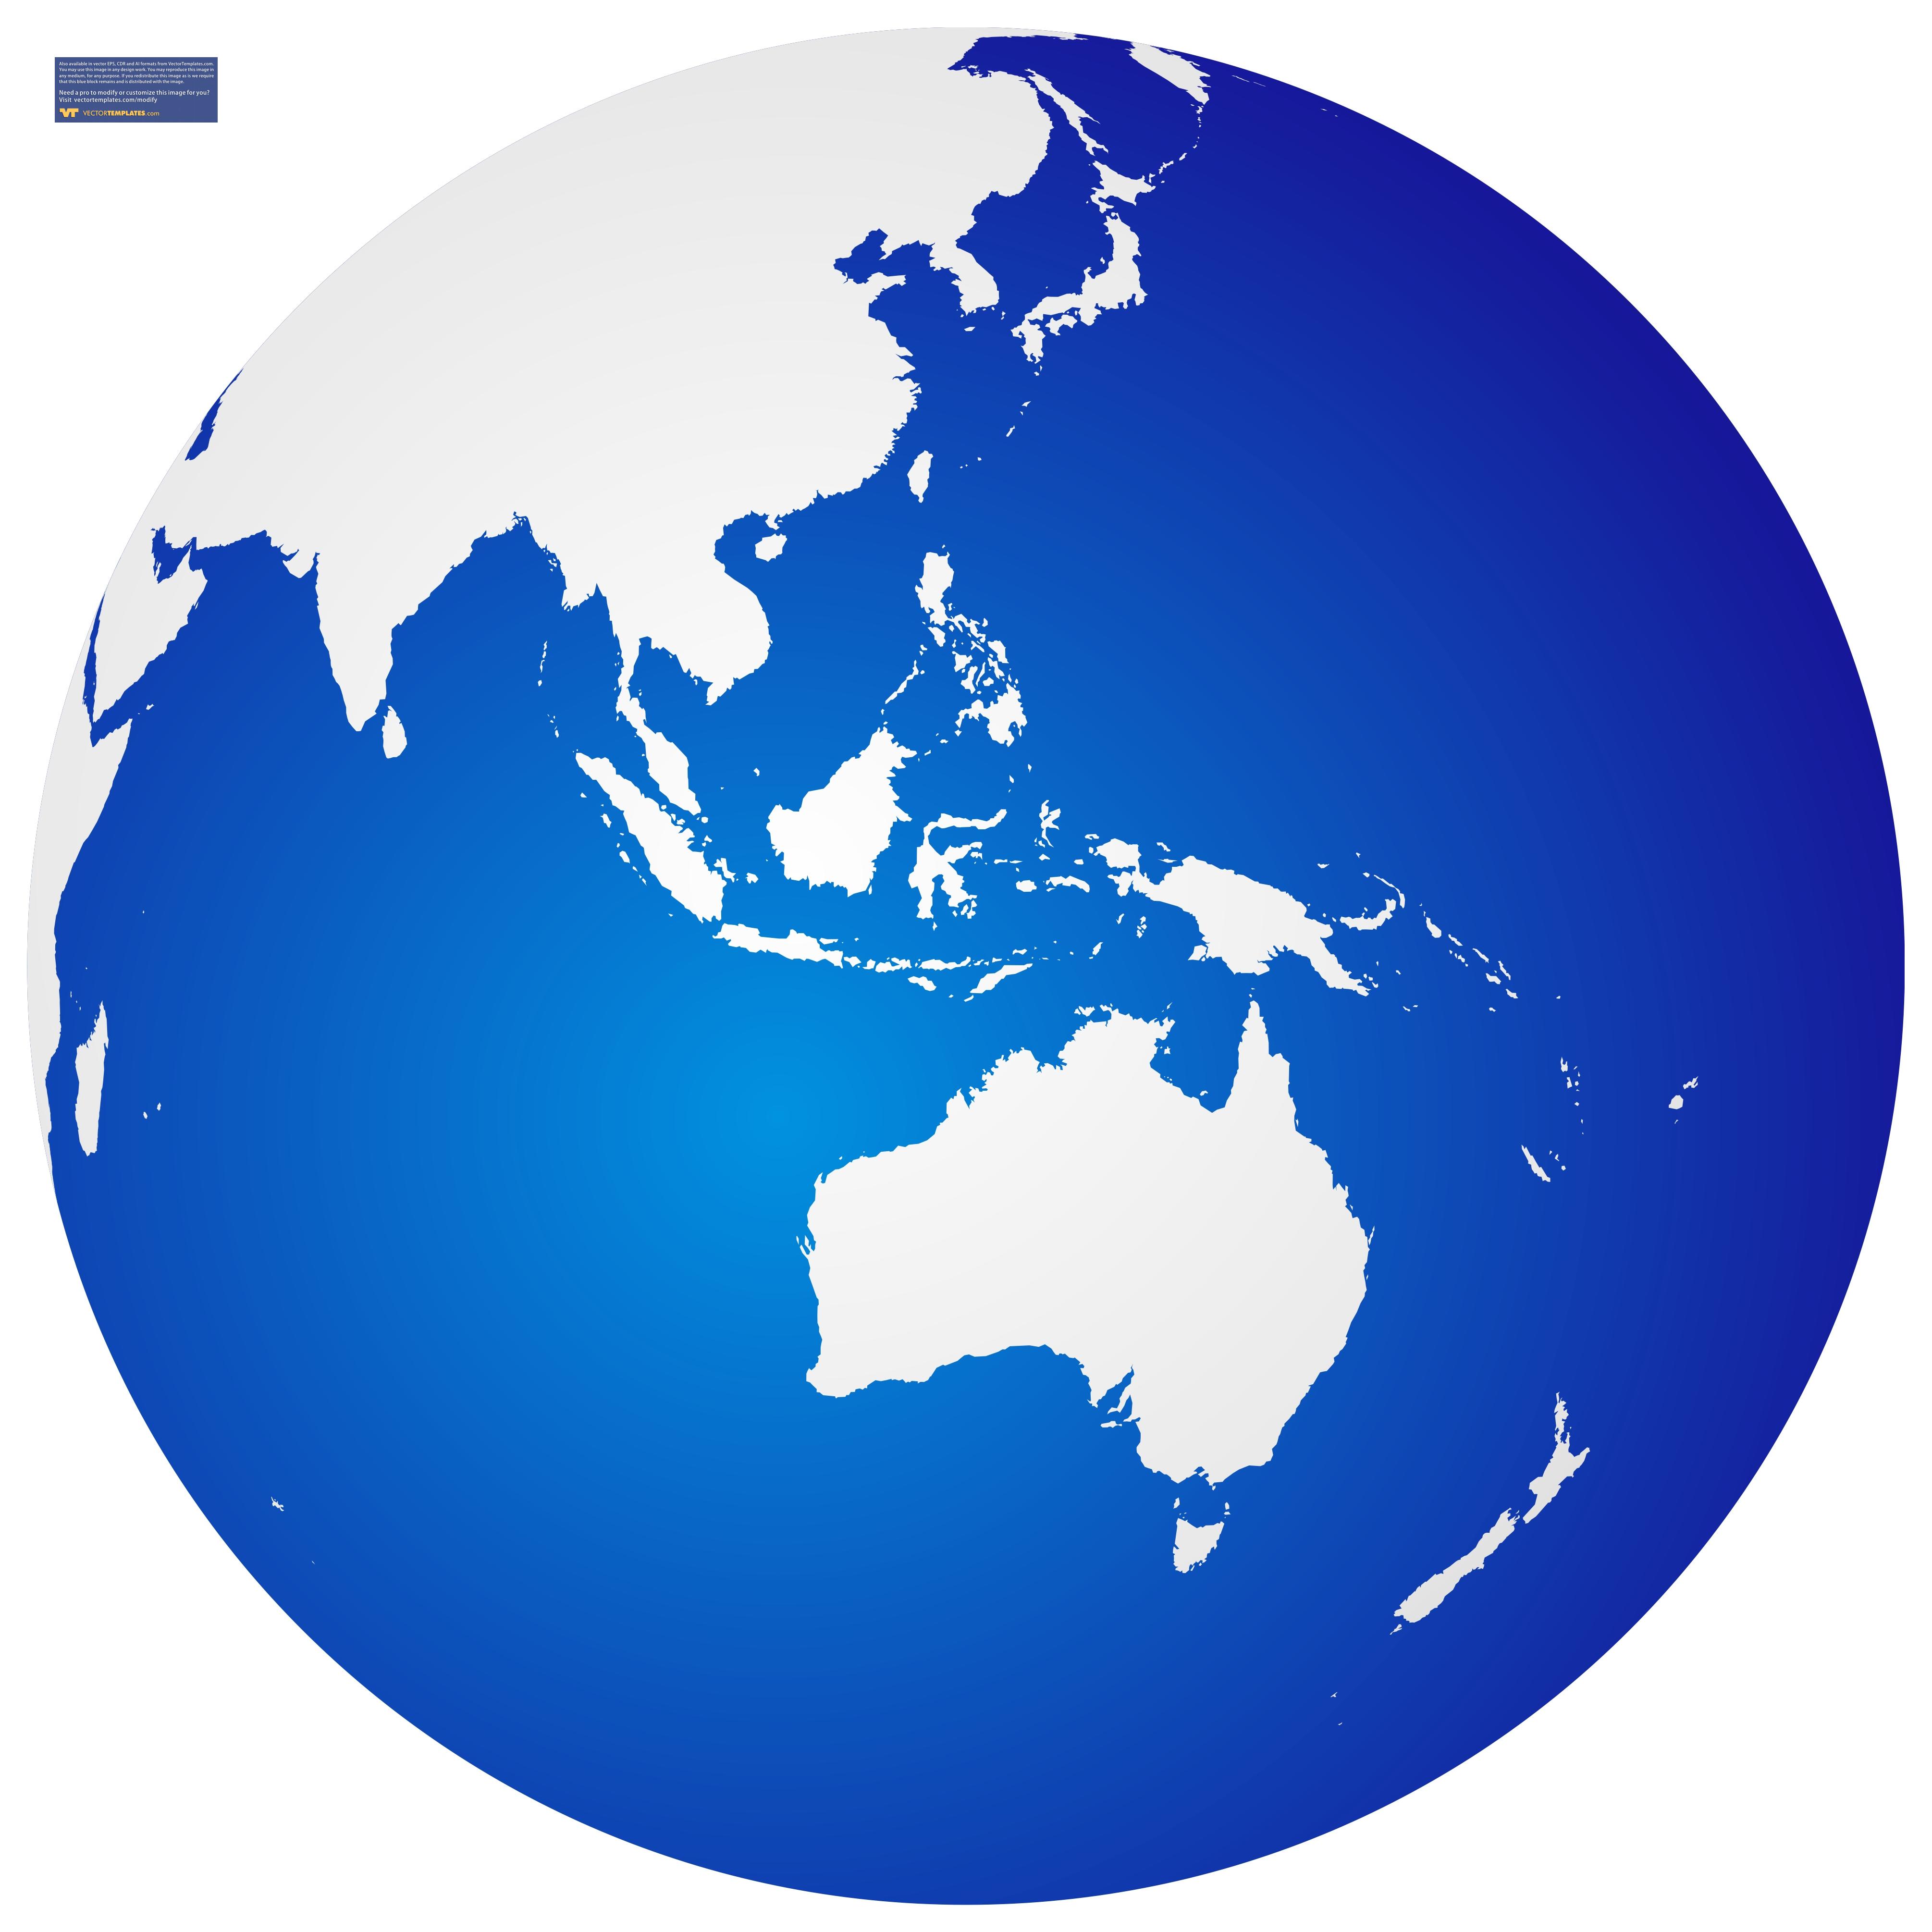 4021x4021 Globe Australia